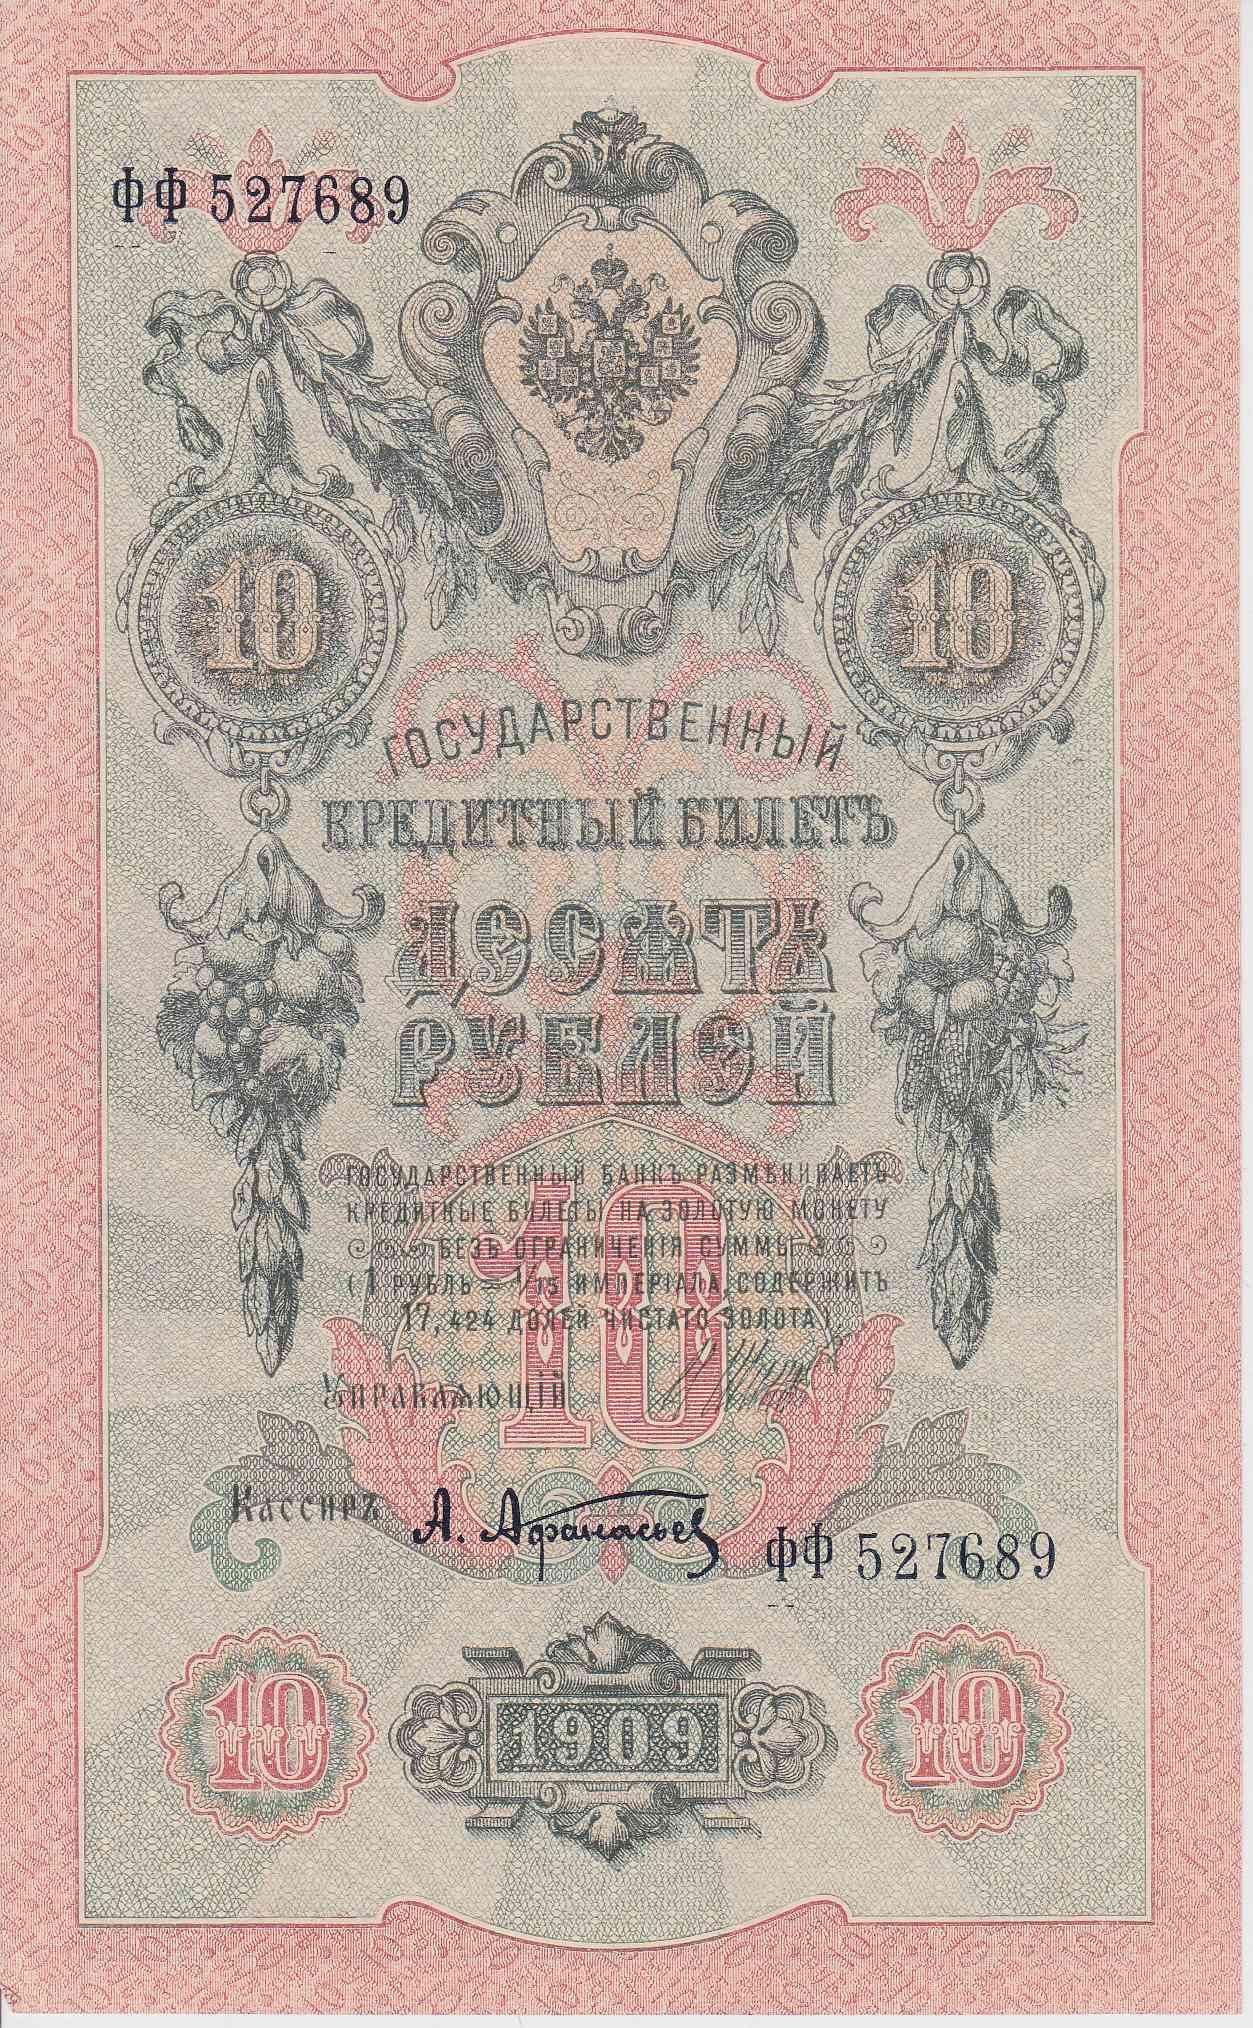 10 рублей фф harald goch